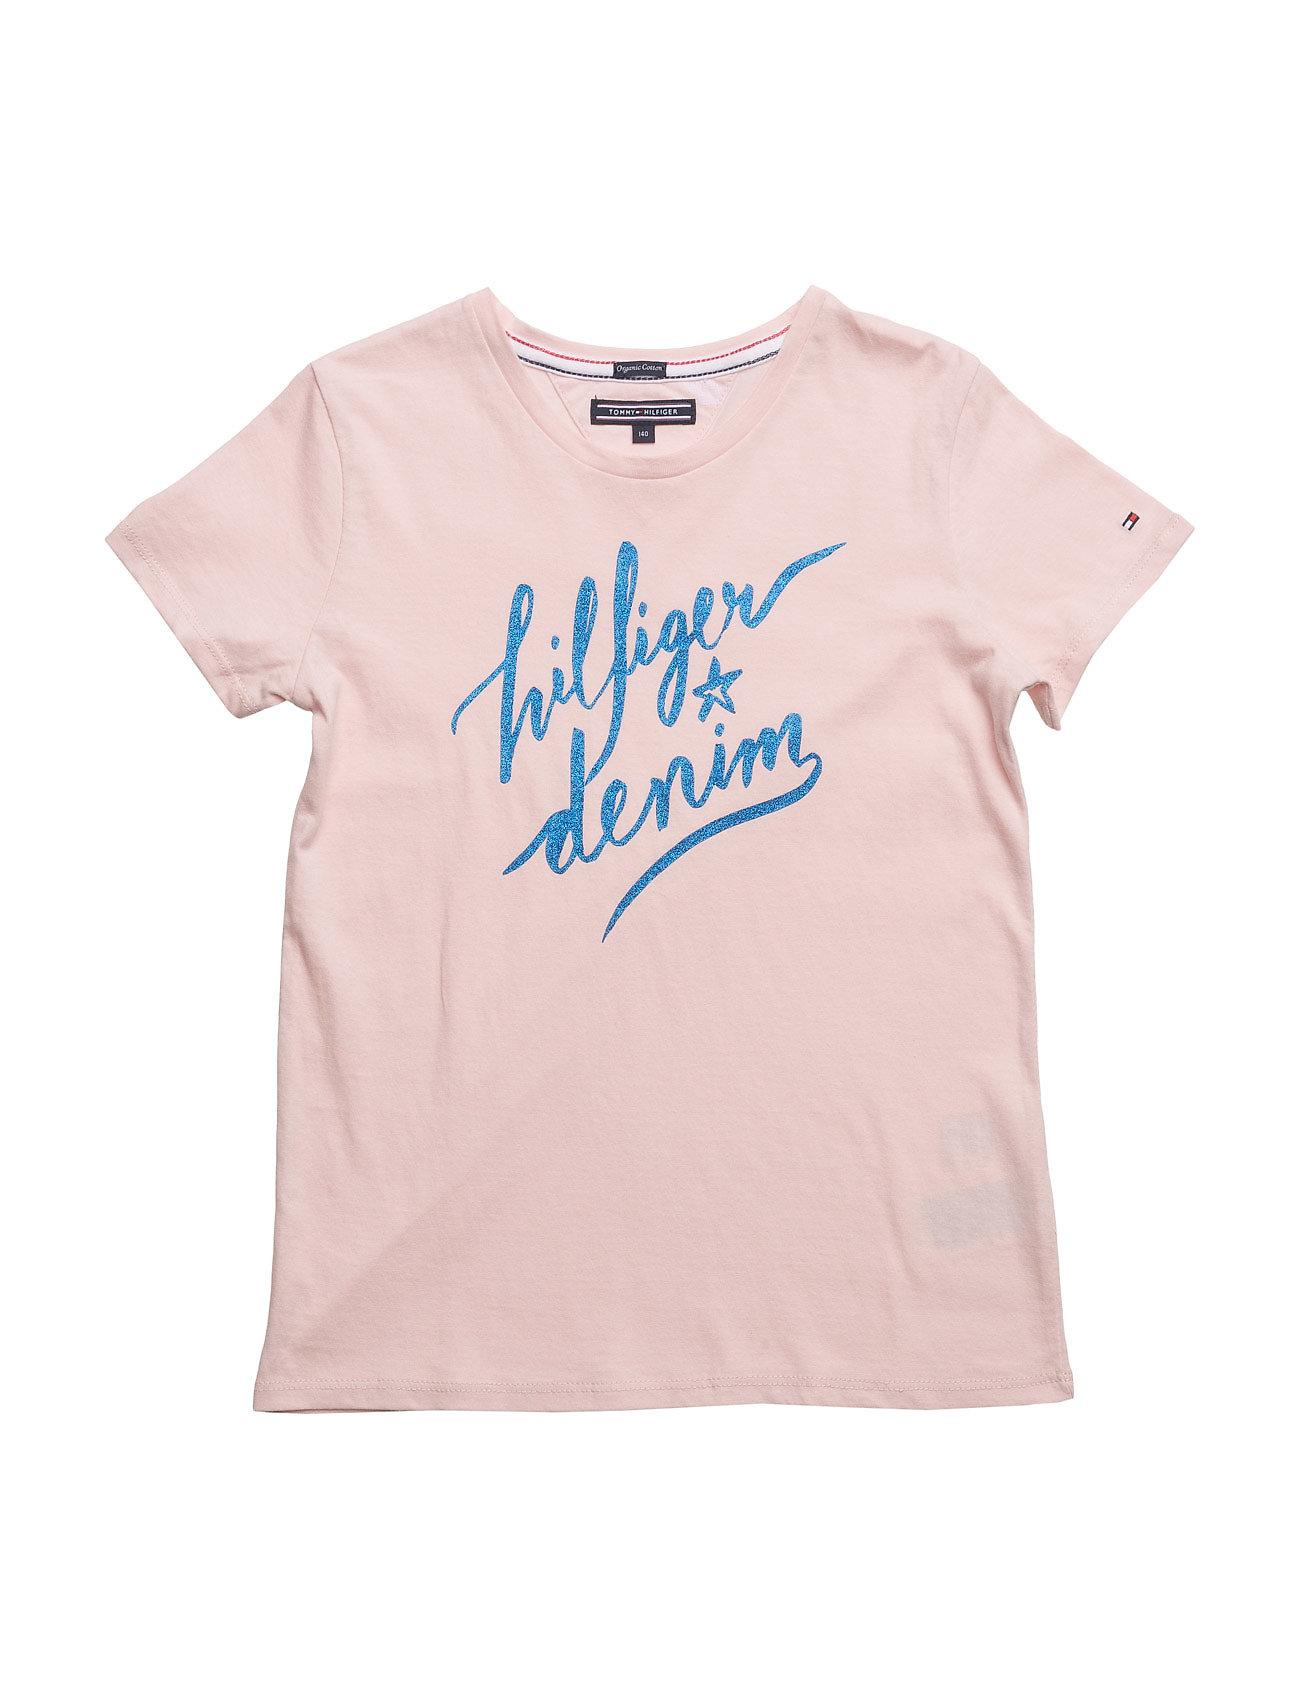 be11a283 Køb Ame Girls Hilfiger Cn Knit S/S Tommy Hilfiger T-shirts i Lyserød til  Piger fra Boozt